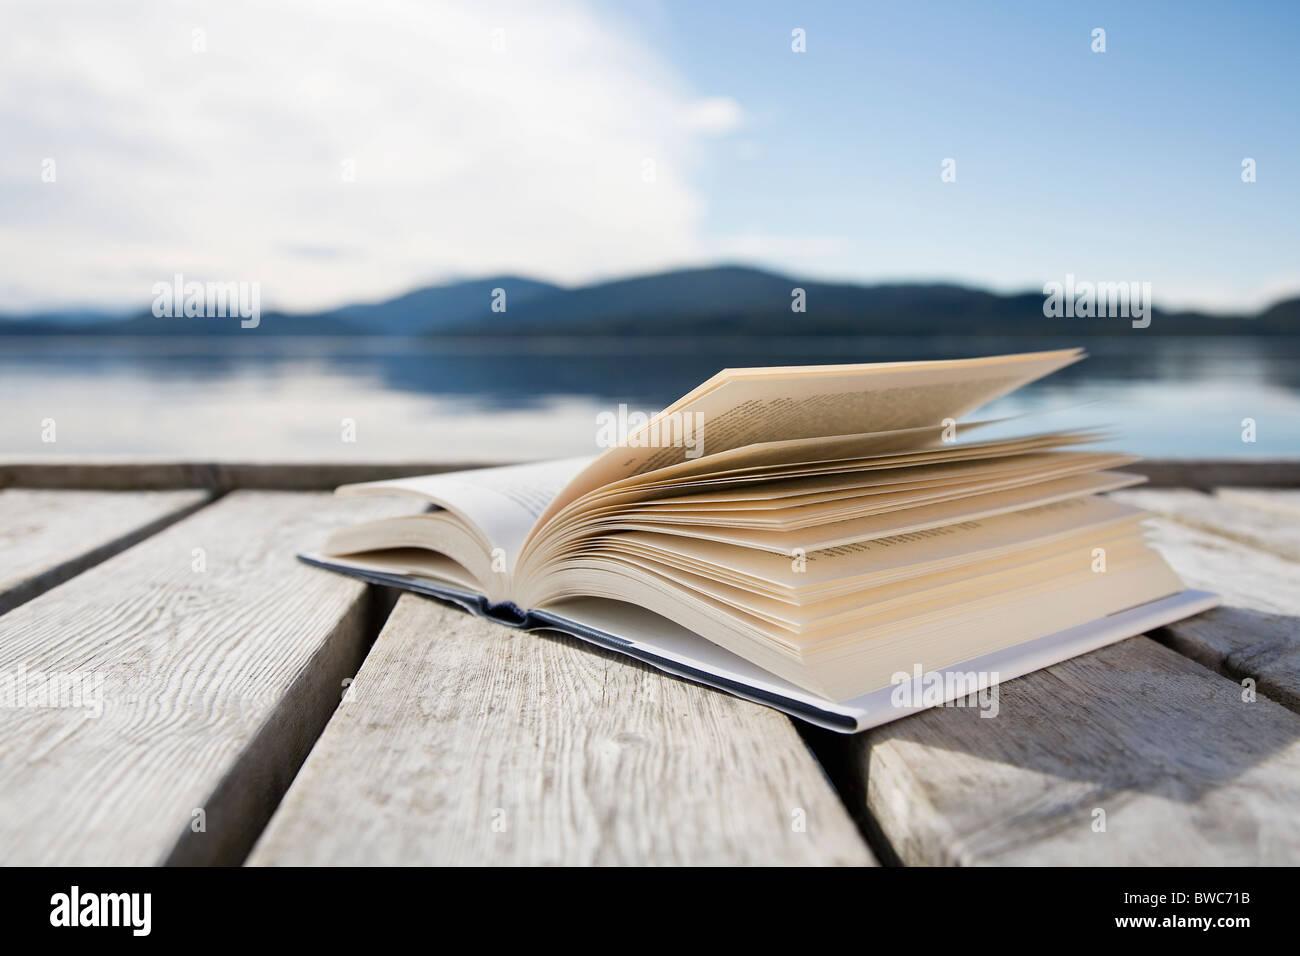 Libro sobre el embarcadero por mar y montañas Imagen De Stock